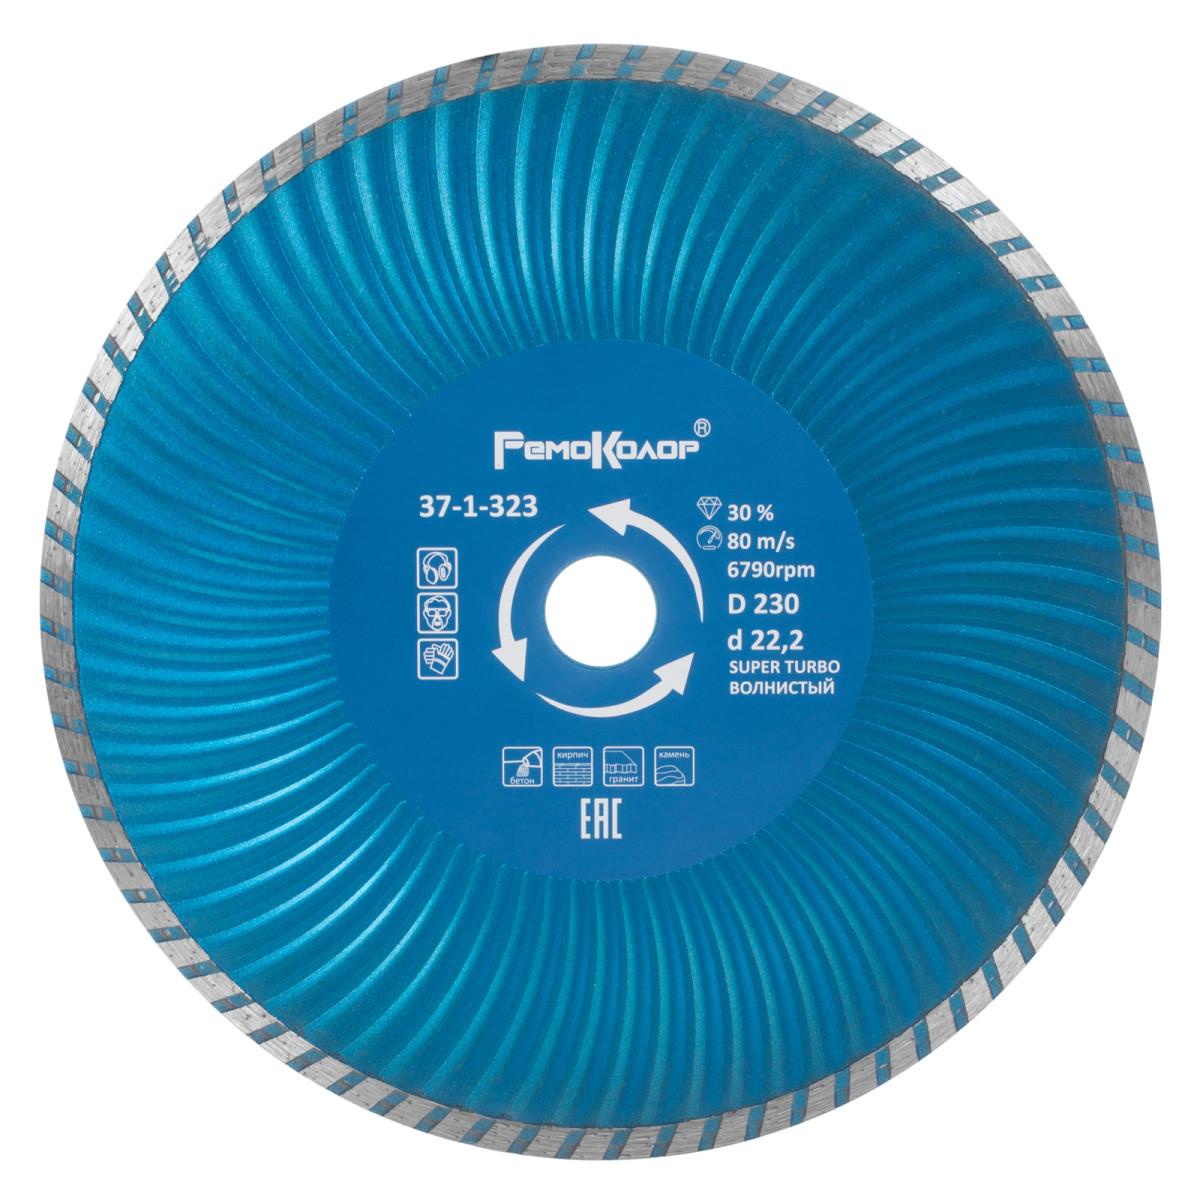 Диск Алмазный Ремоколор 230Х222 37-1-323